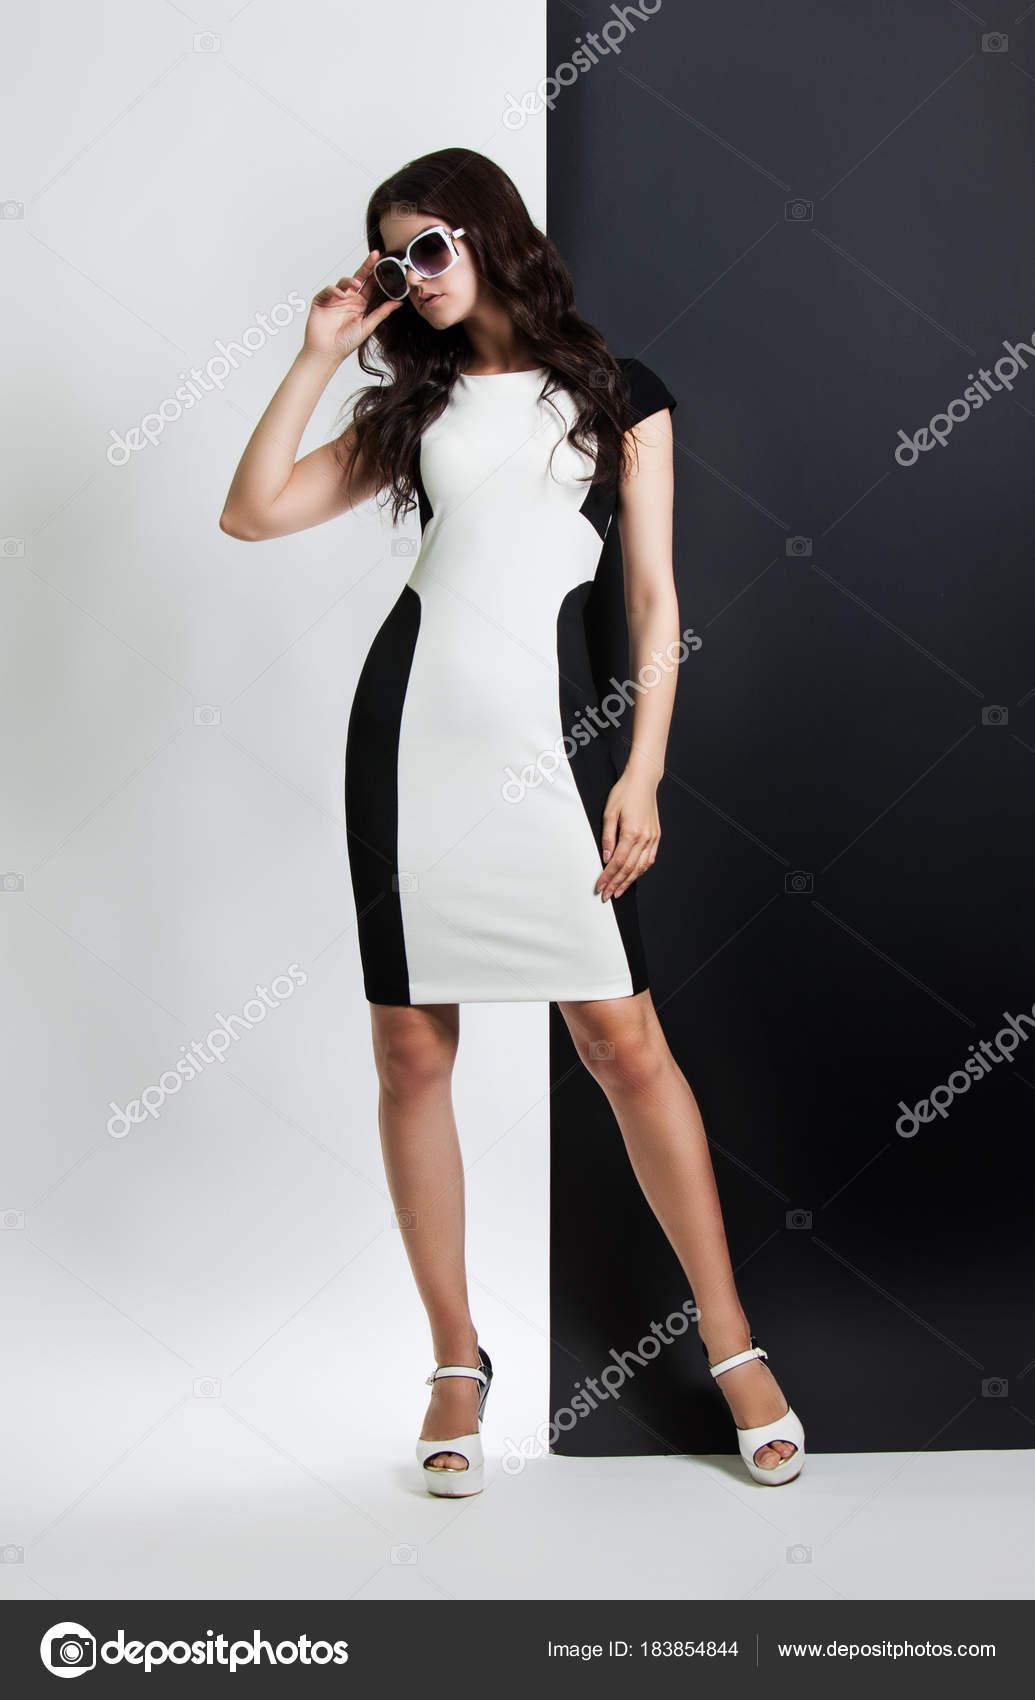 5ff5ceaaa43ea5 Mode portret van een vrouw. mooie meisje in zwart   wit jurk en zonnebril  poseren